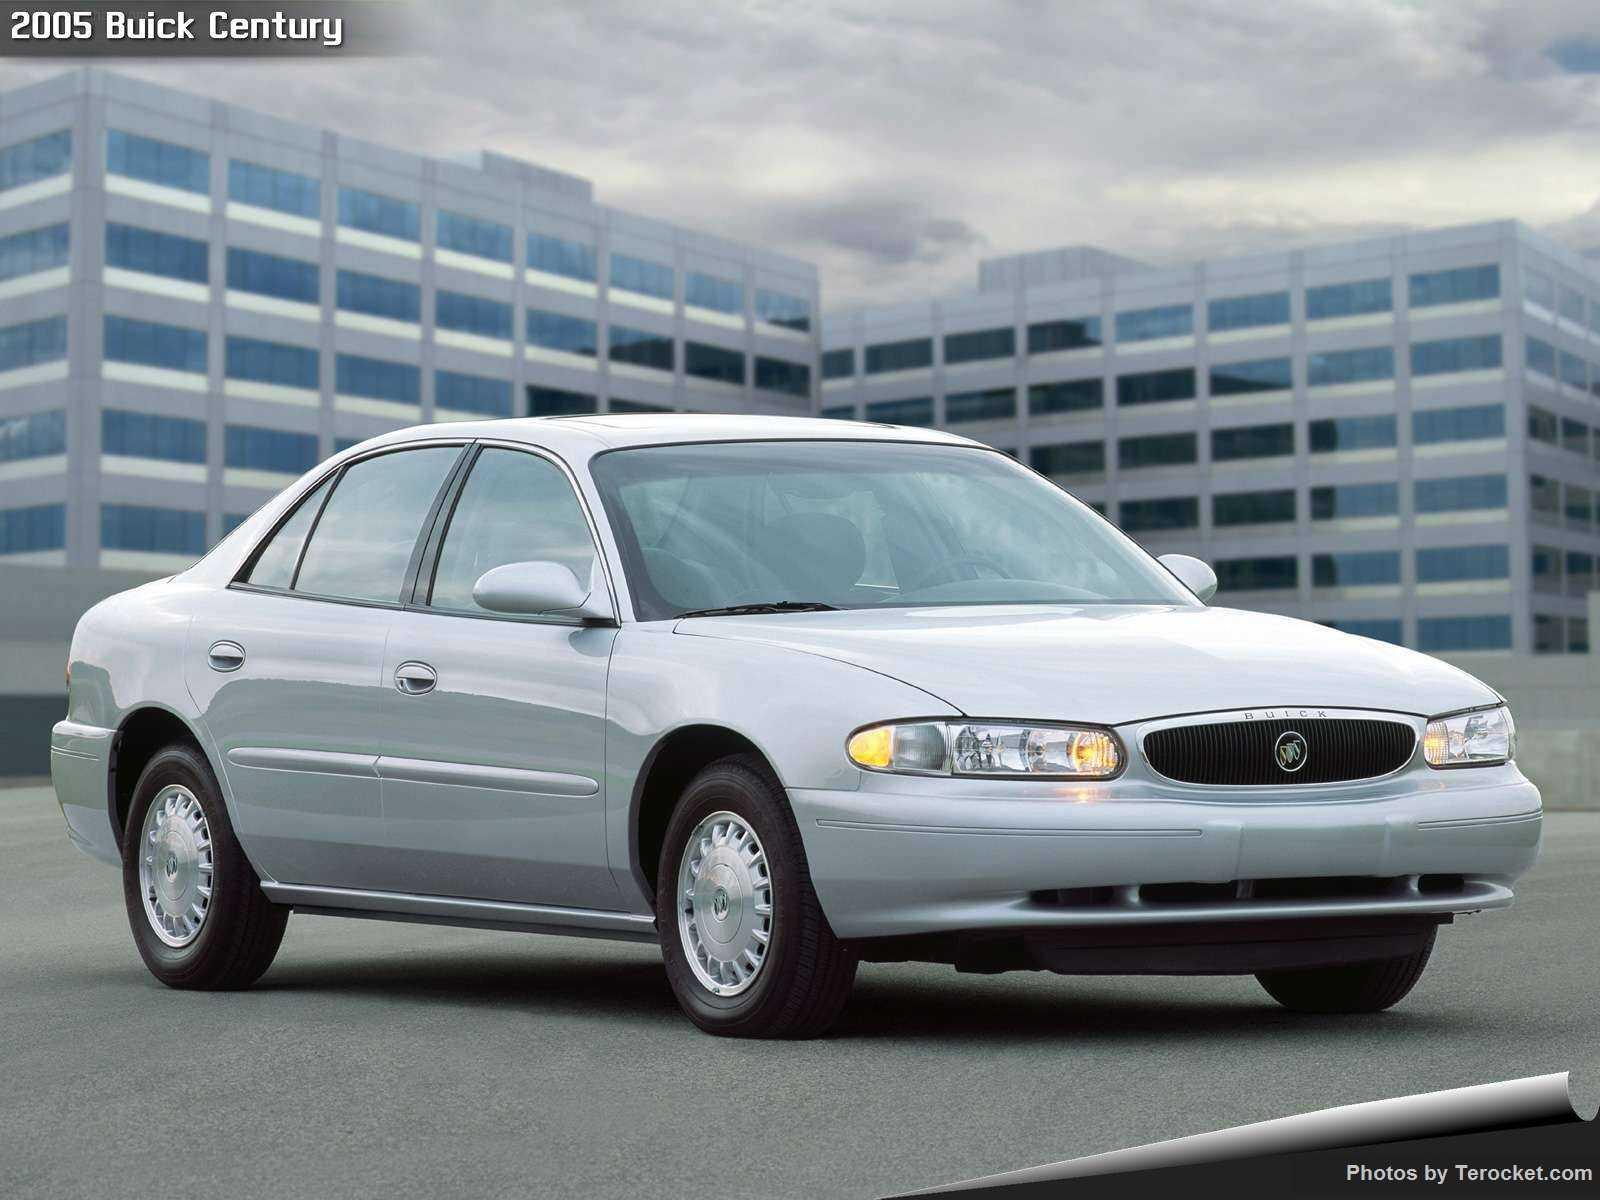 Hình ảnh xe ô tô Buick Century 2005 & nội ngoại thất